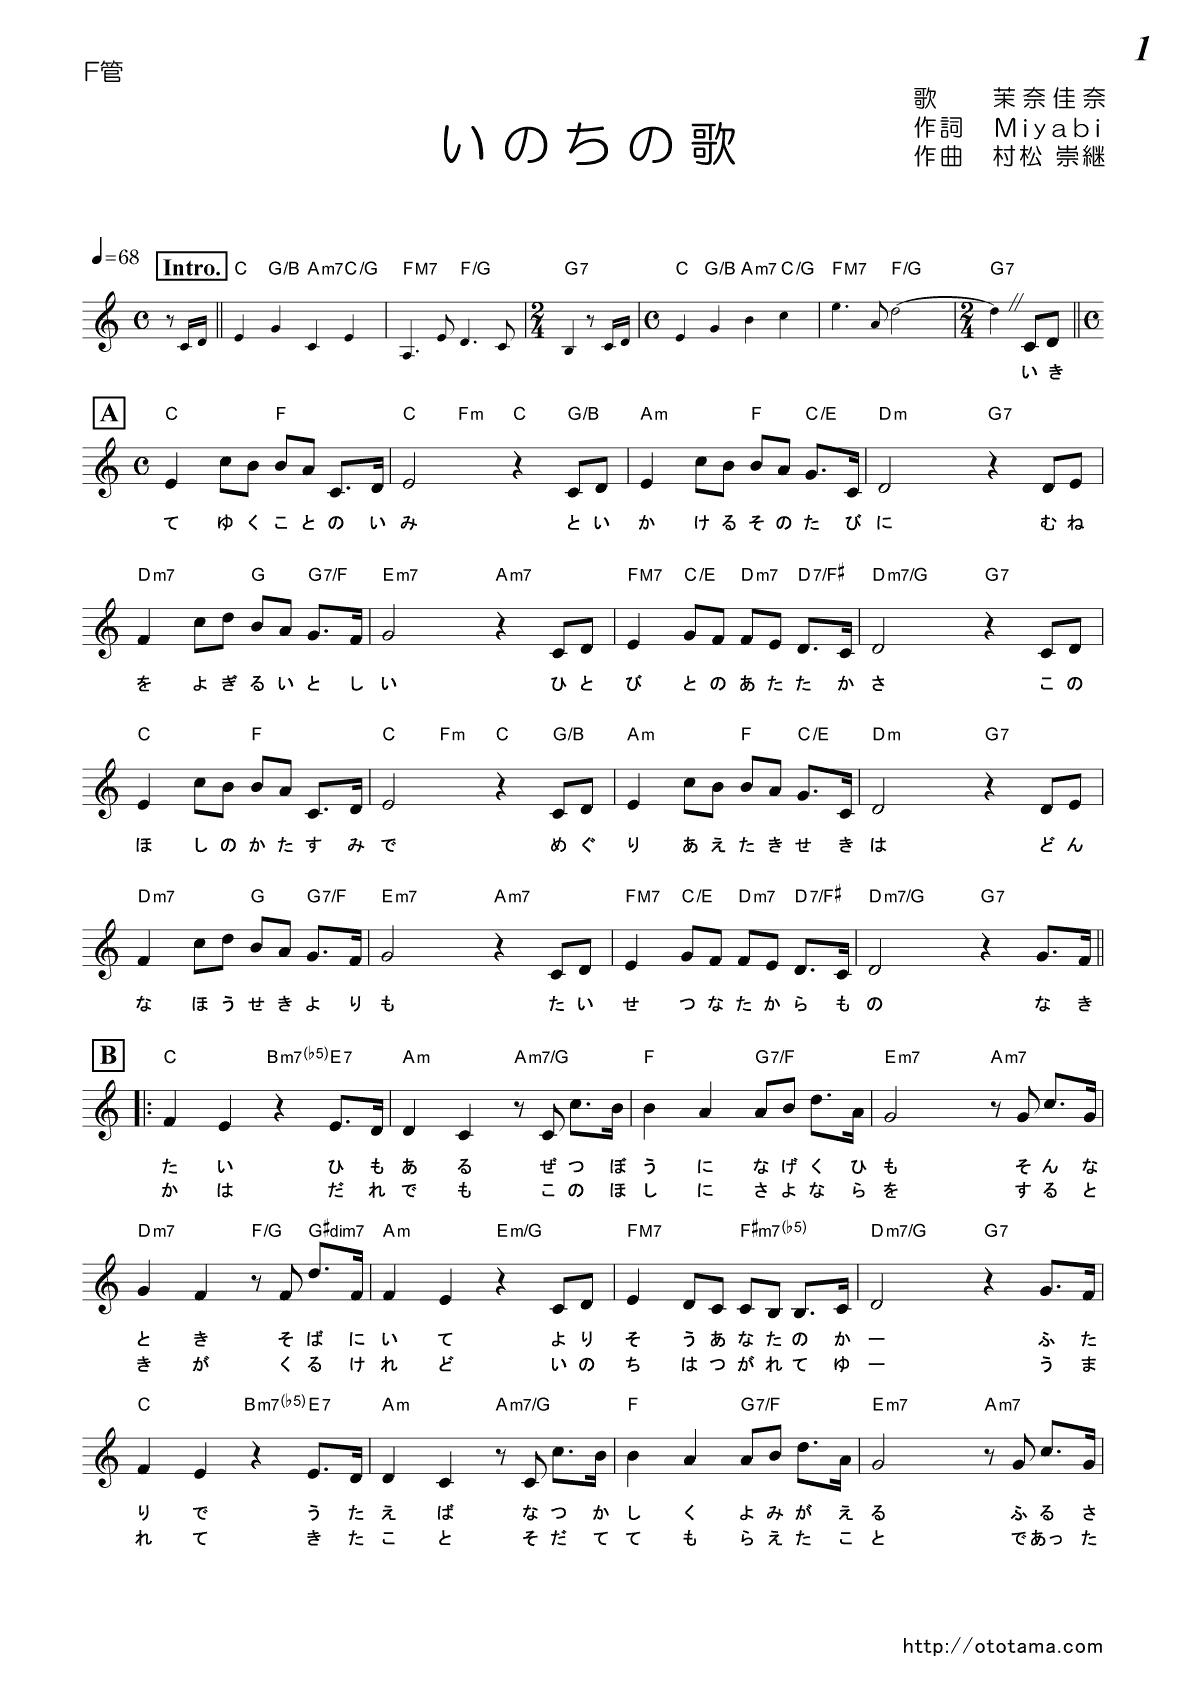 まりや いのち 竹内 の 歌